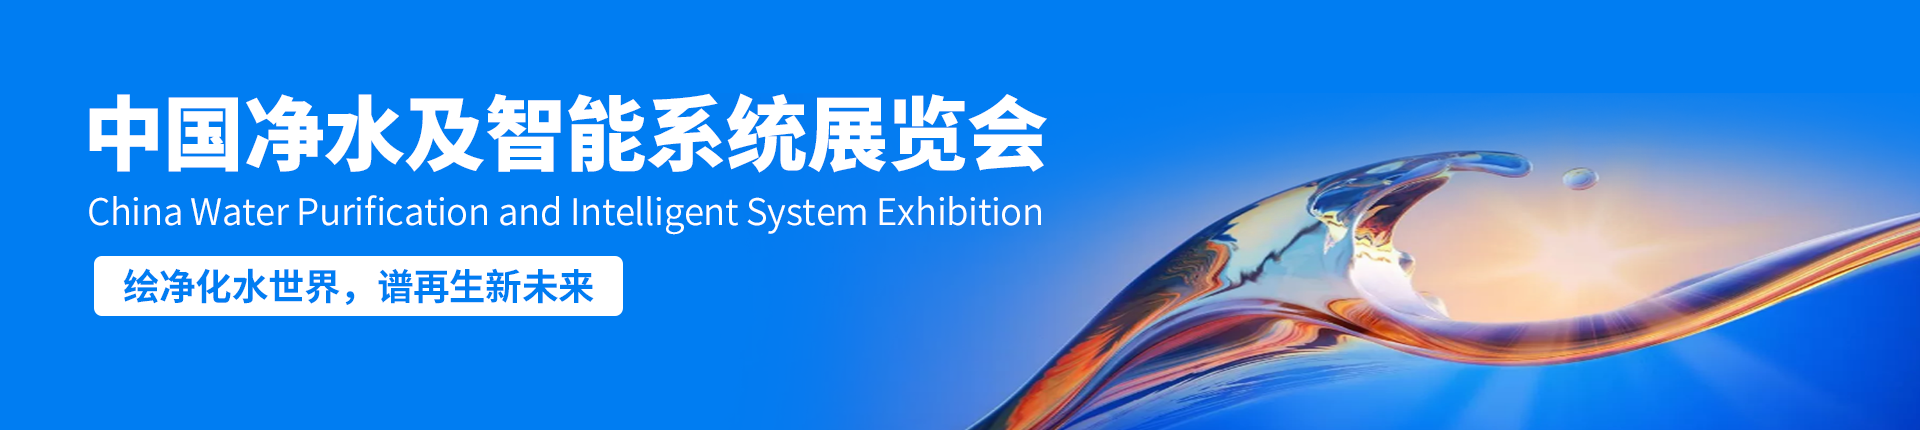 云展·中国净水及智能系统展览会